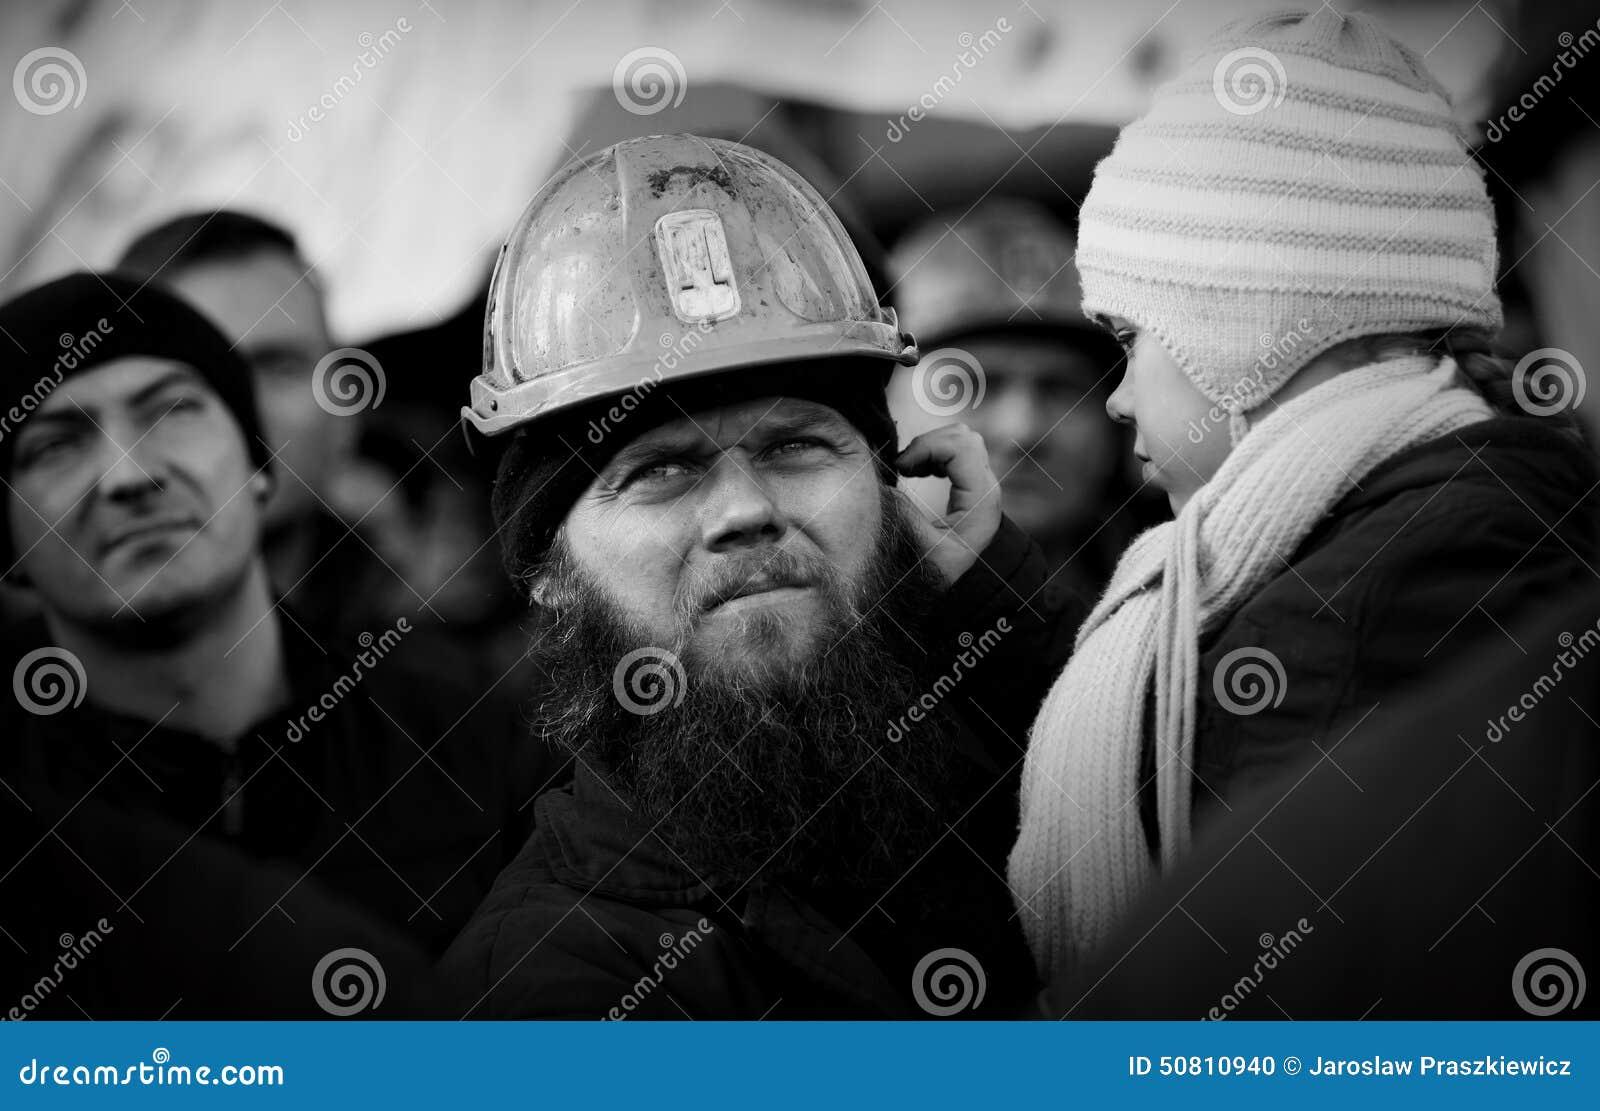 Der Protest Aktion-vom Streik von schlesischen Bergmännern